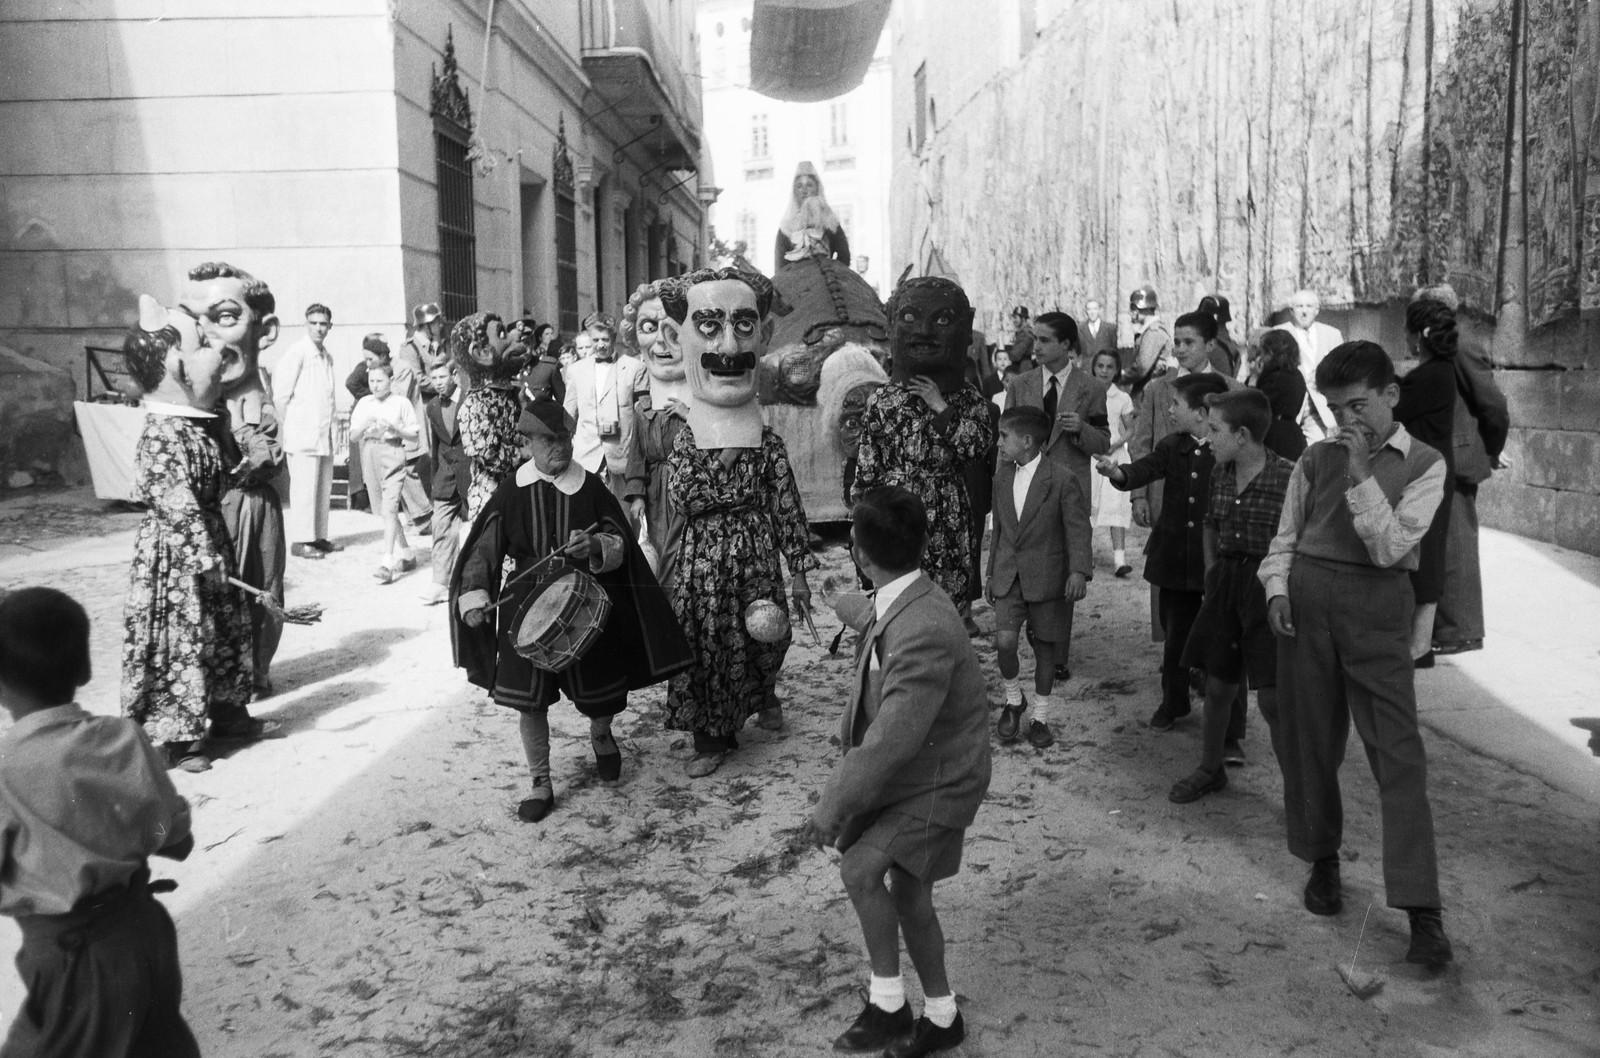 Cabezudos y tarasca en las fiestas del Corpus Christi de Toledo en 1955 © ETH-Bibliothek Zurich